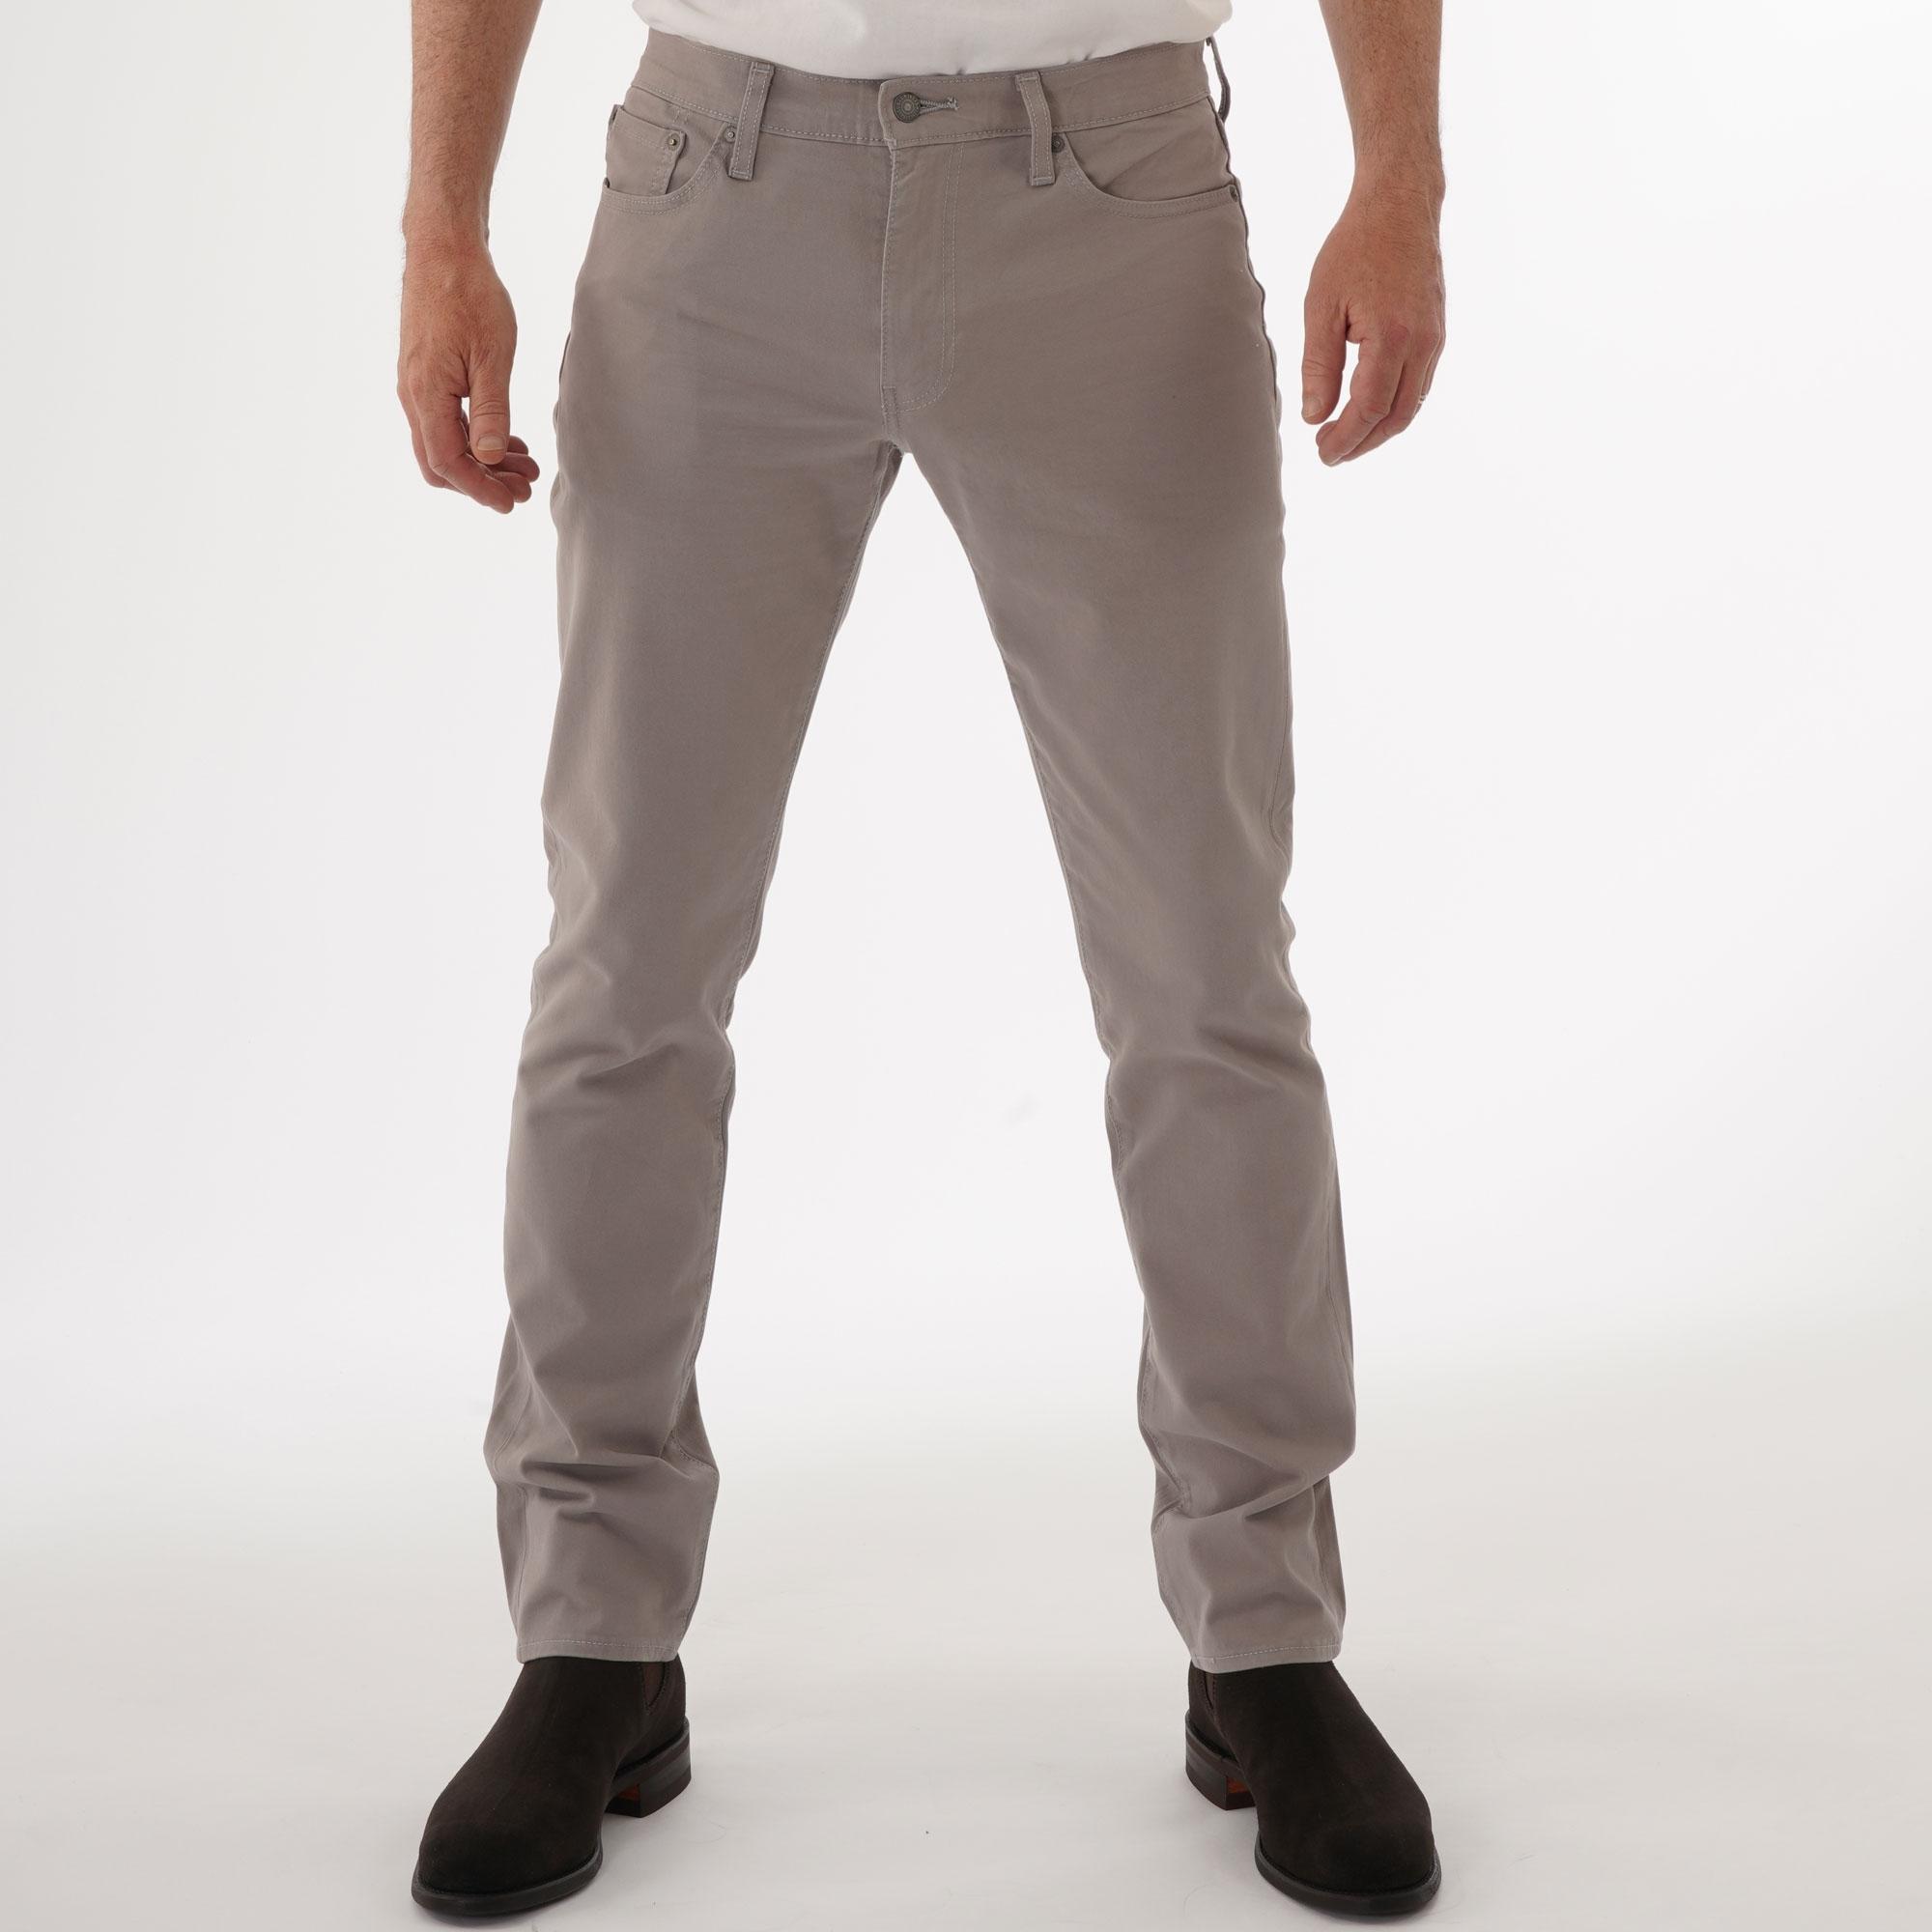 d3599e8d110c Levi's 511 Slim Fit Jeans | Tame Grey | 45113383